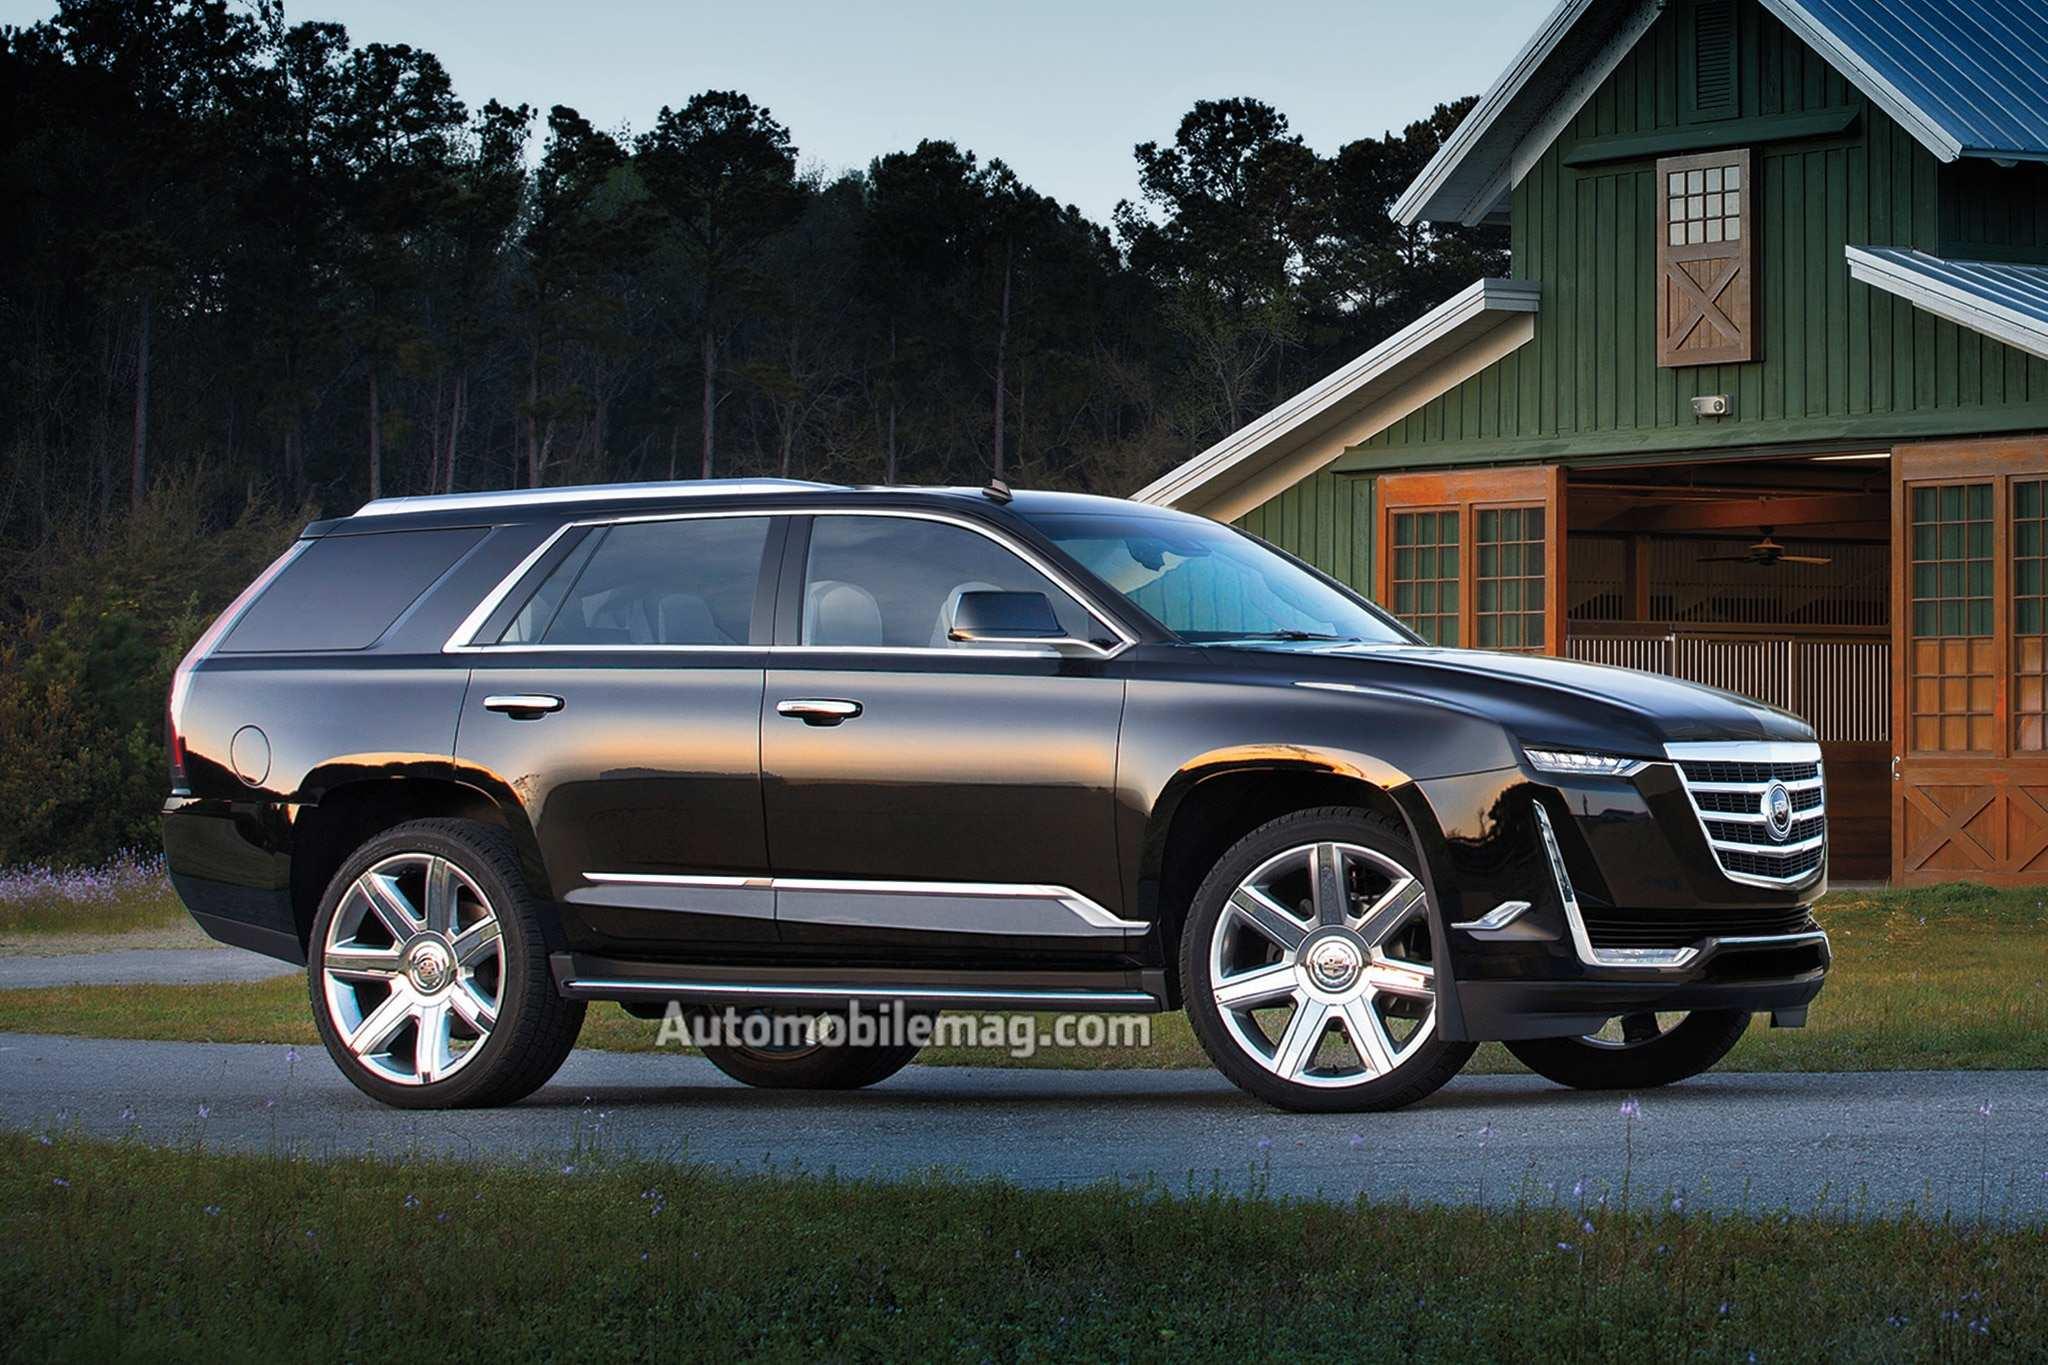 73 Concept of 2020 Cadillac Escalade Vsport Wallpaper for 2020 Cadillac Escalade Vsport